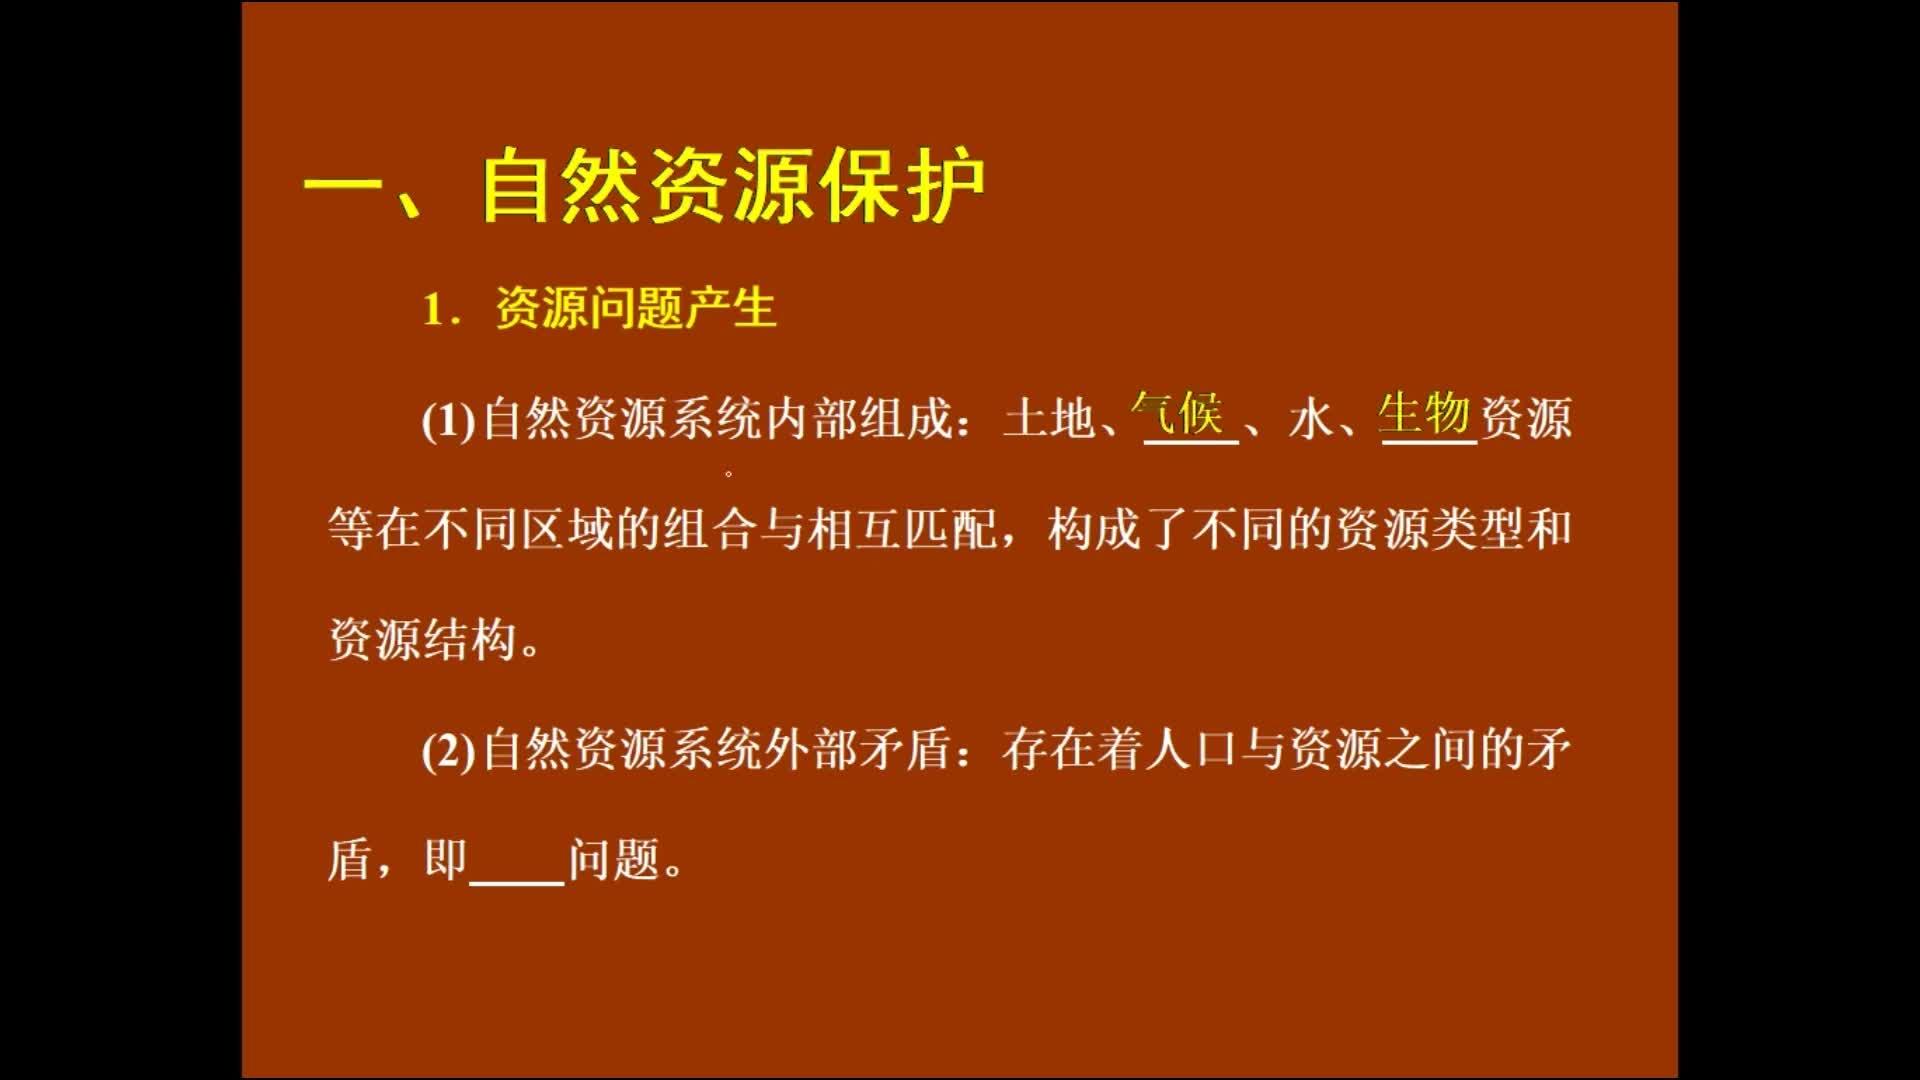 中国地质调查局的专家在国际地下水论坛的发言中提到,全国90%的地下水遭受了不同程度的污染,其中60%污染严重。据新华网报道,有关部门对118个城市连续监测数据显示,约有64%的城市地下水遭受严重污染,33%的地下水受到轻度污染,基本清洁的城市地下水只有3%。  [来自e网通客户端]